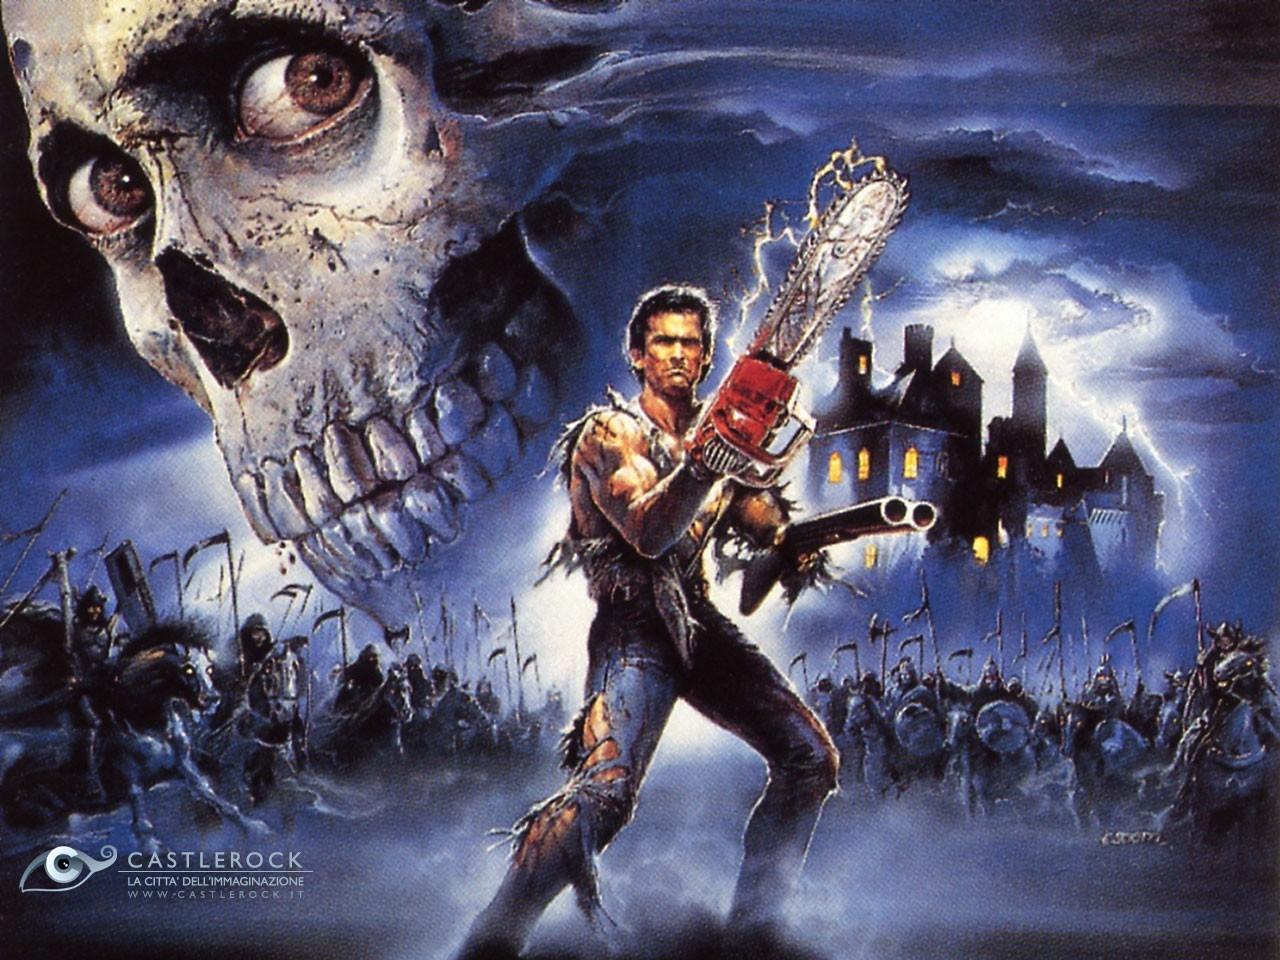 Wallpaper del film L'armata delle tenebre